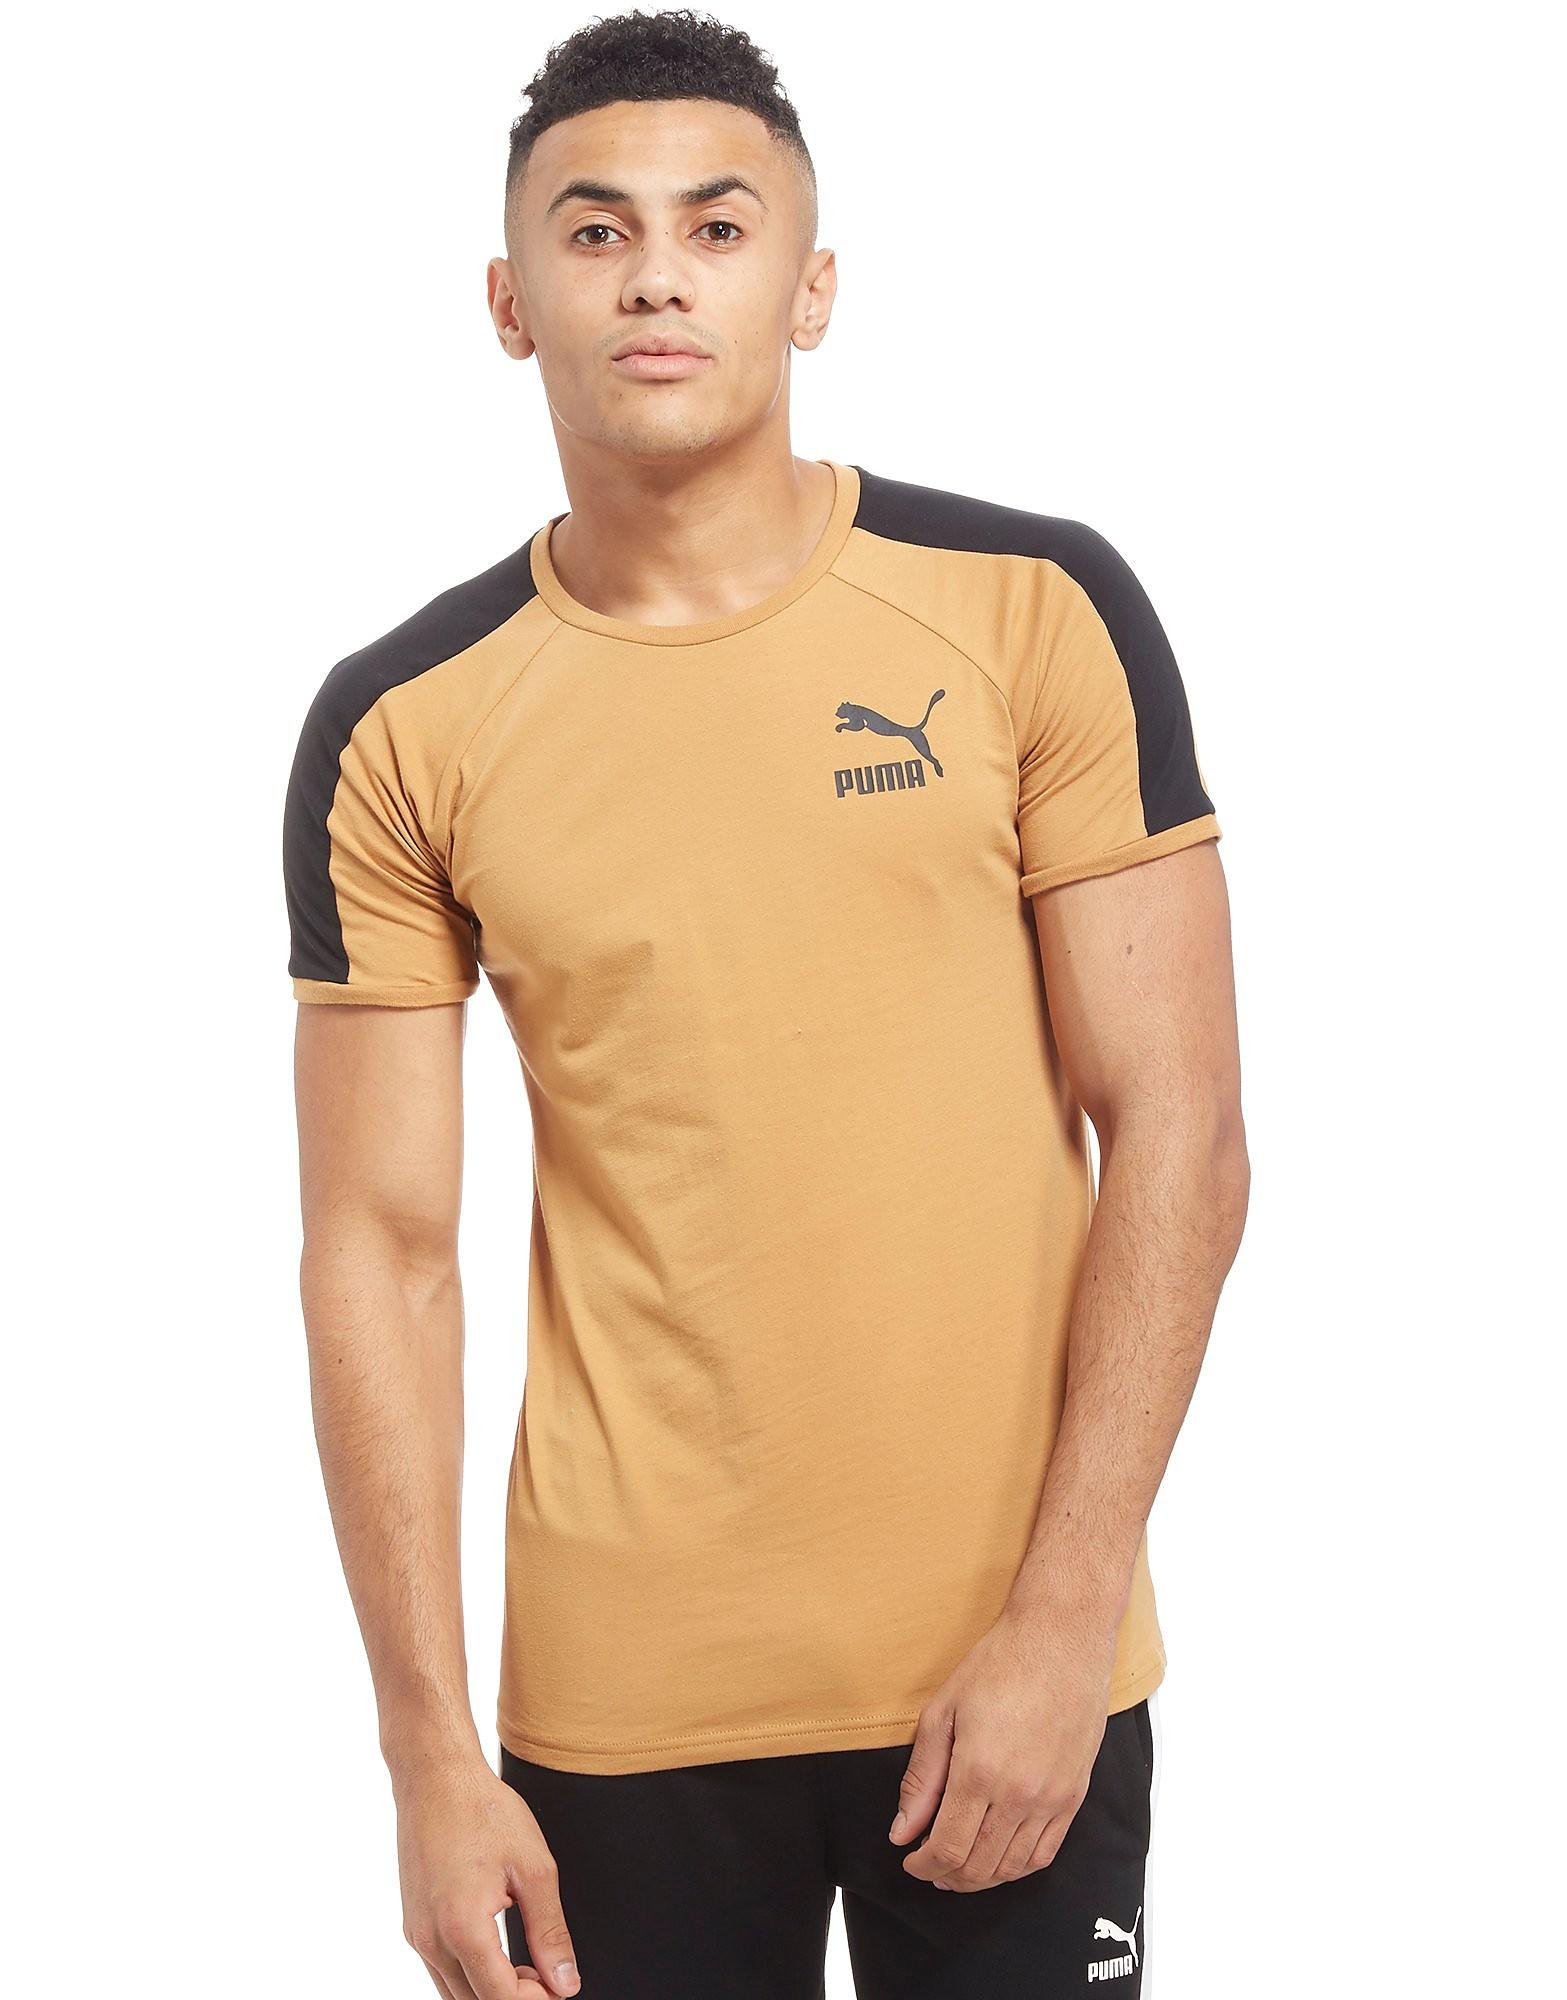 PUMA T7 T-Shirt